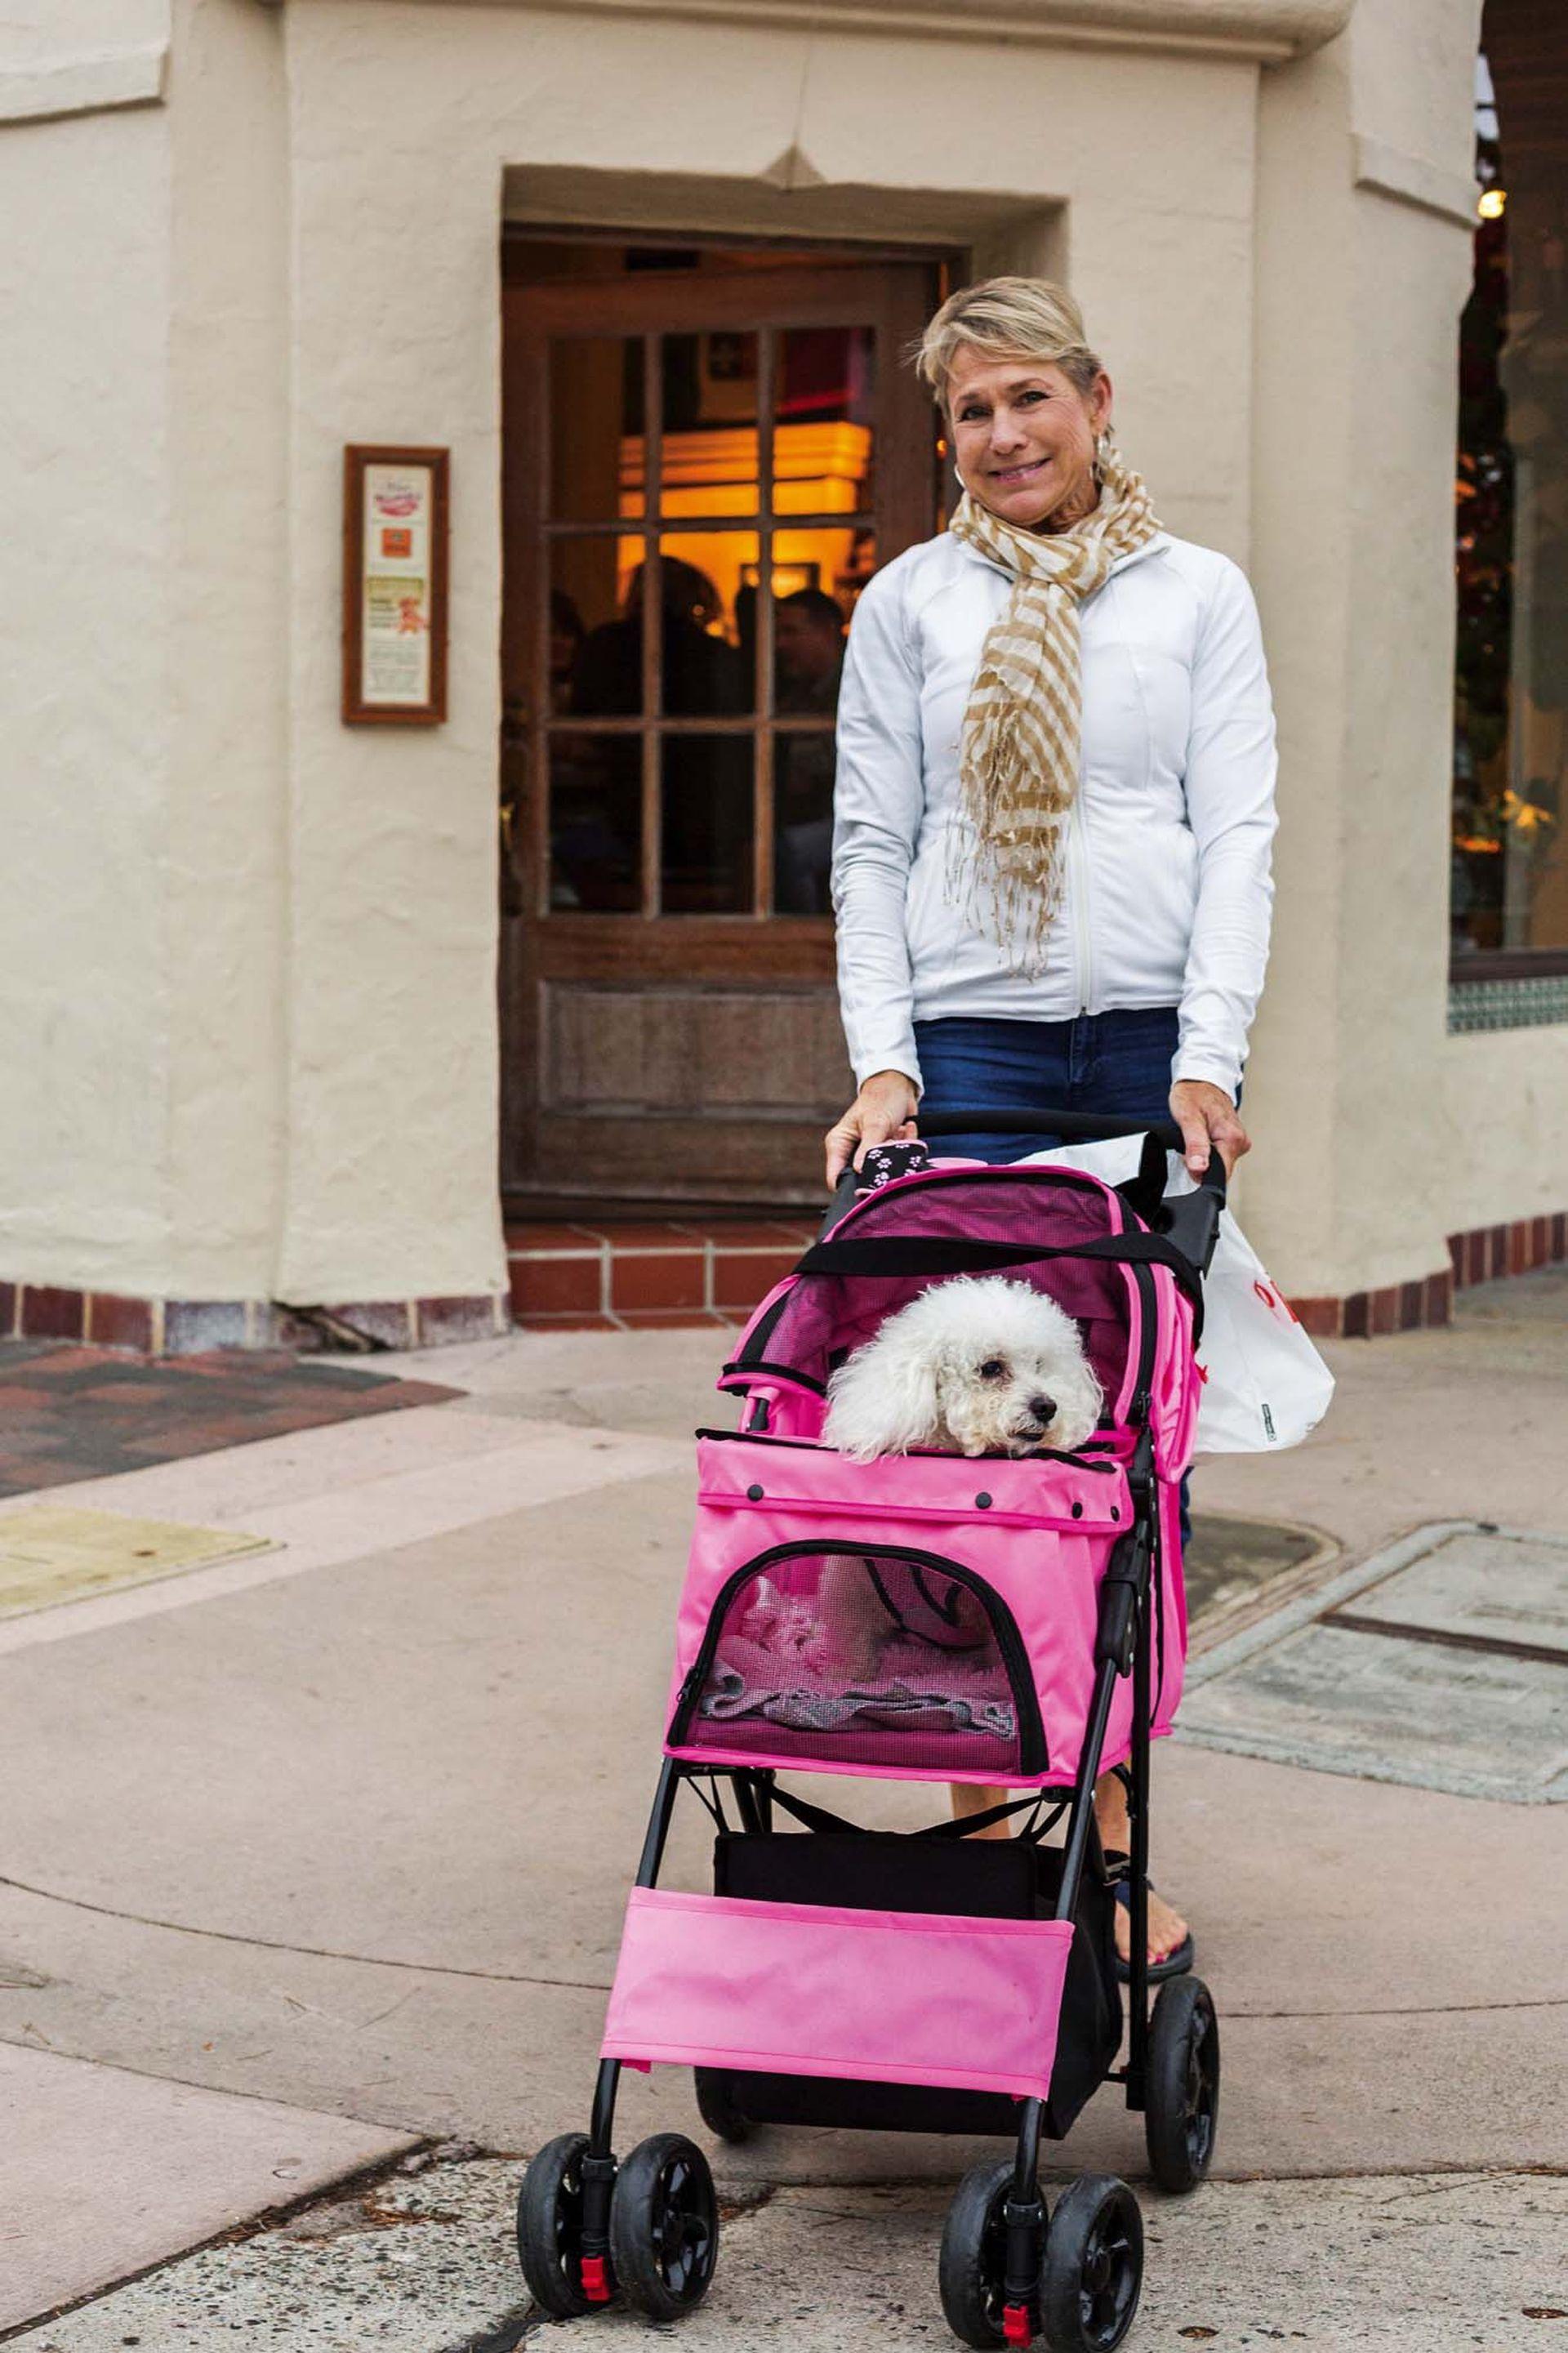 Una mujer pasea a su perro en un cochecito, en el centro de Carmel.